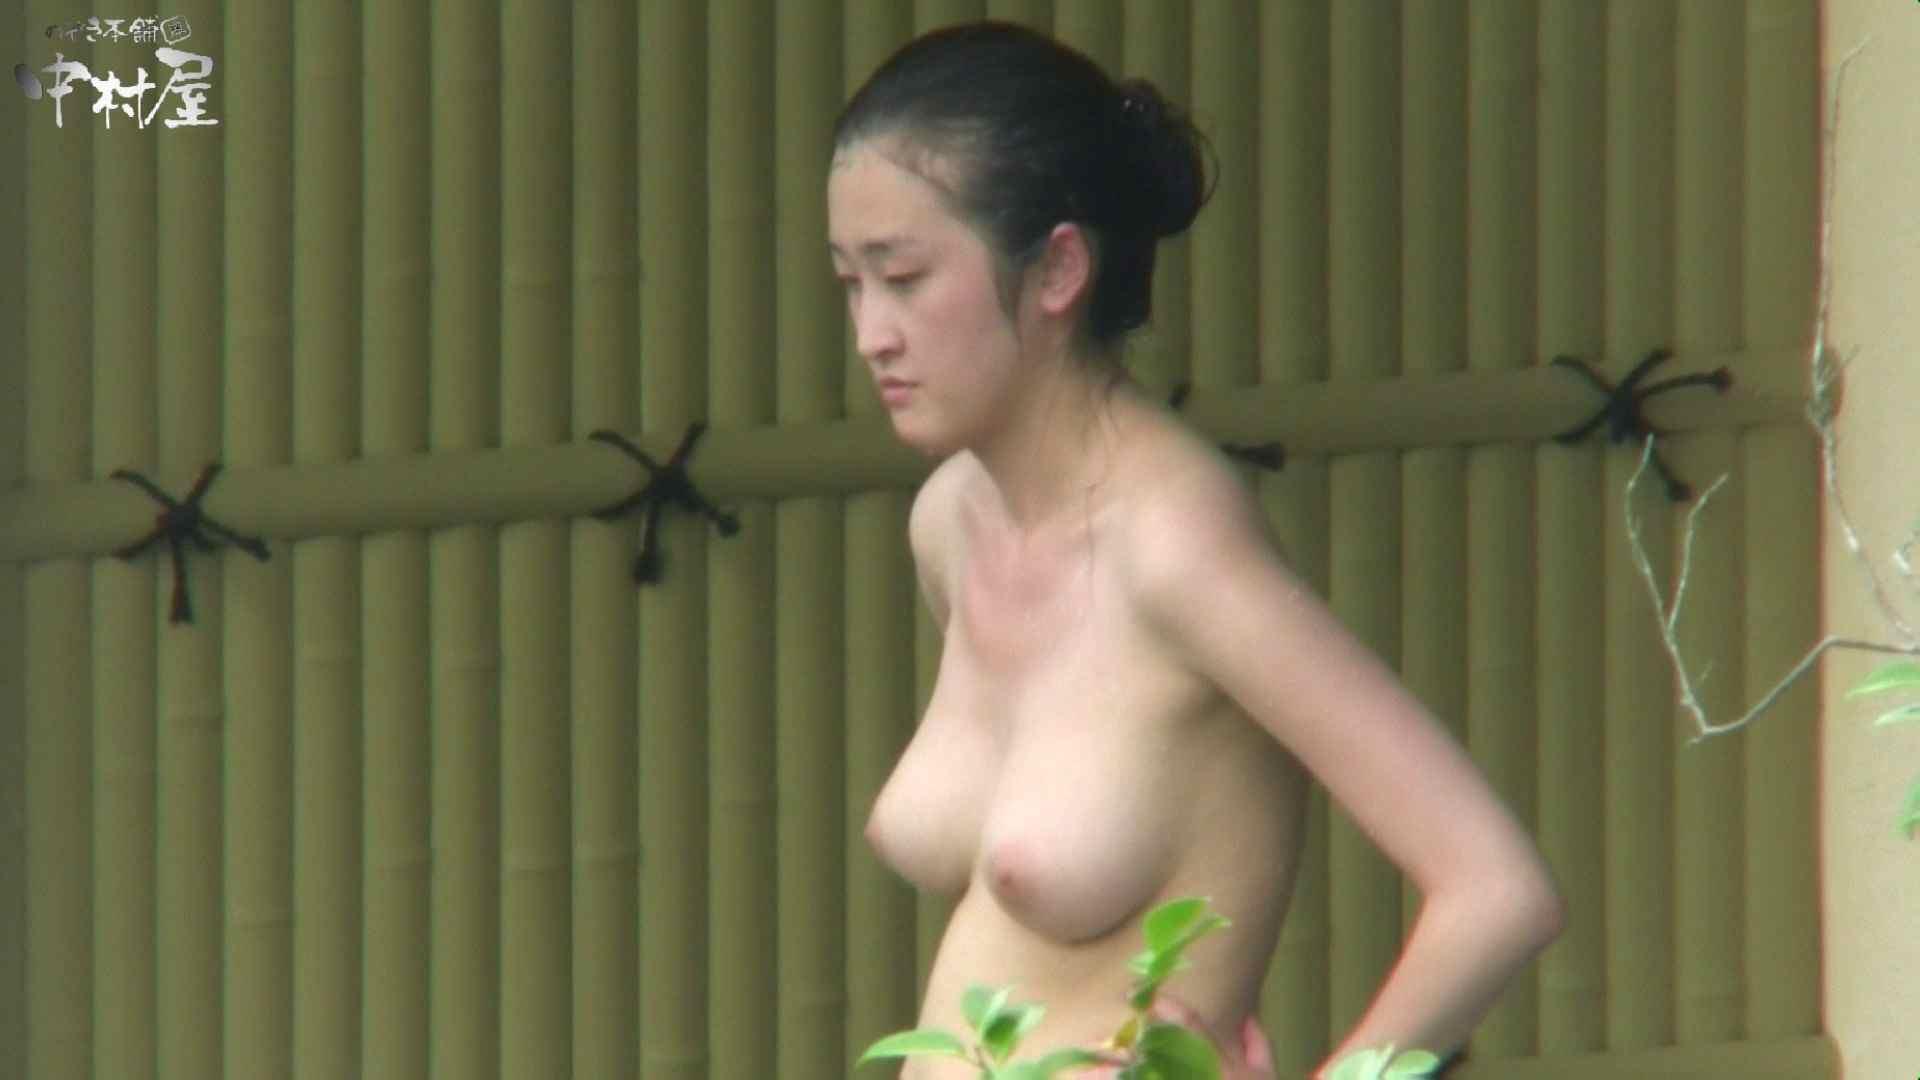 Aquaな露天風呂Vol.949 OL女体 | 女体盗撮  83連発 19